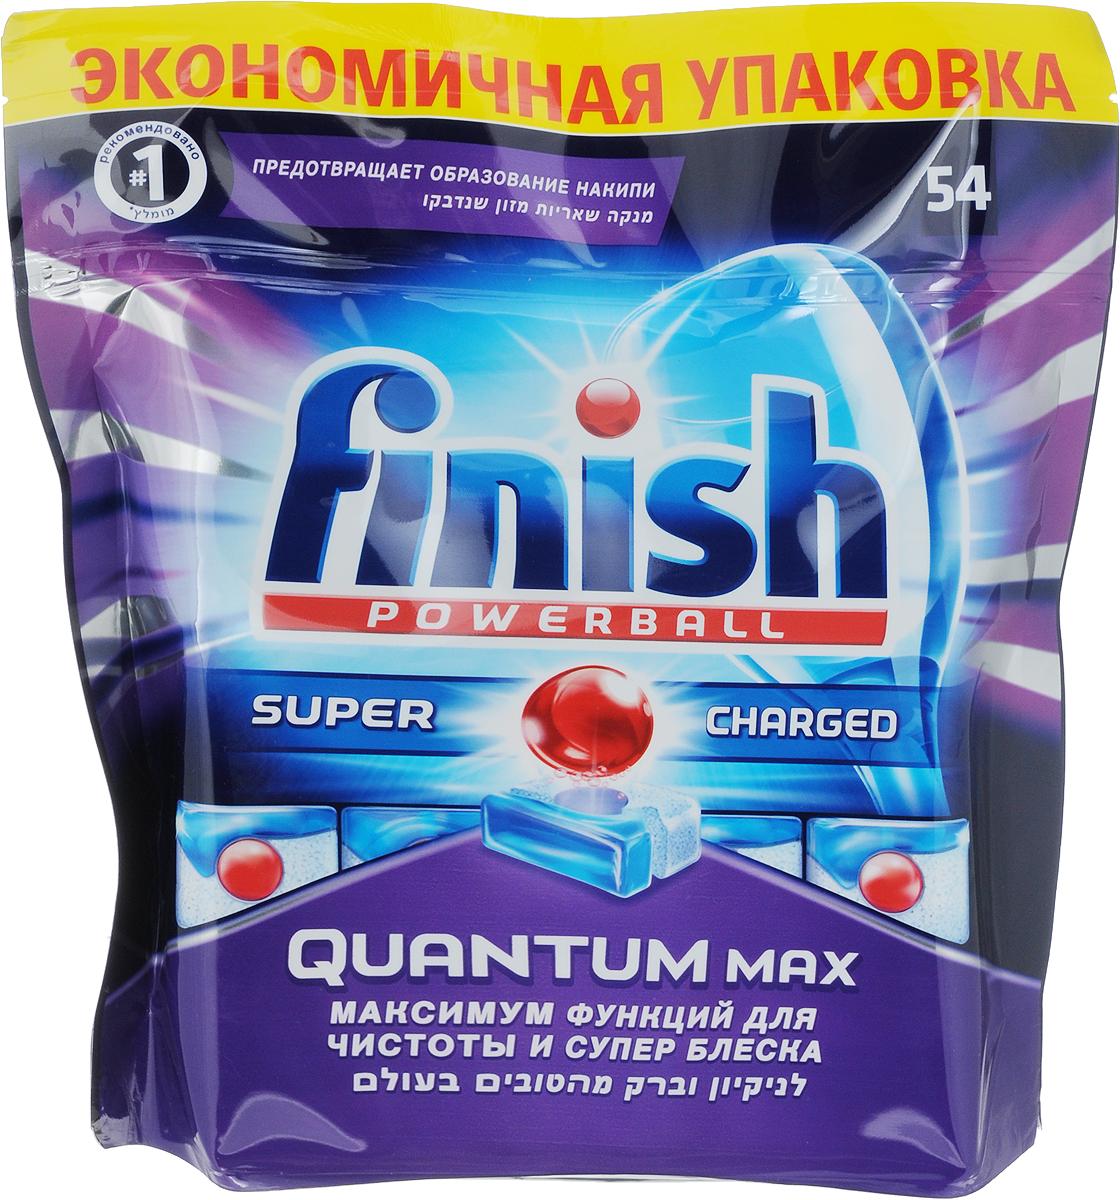 Таблетки для посудомоечной машины Finish Quantum Max, 54 шт10577Таблетки для посудомоечной машины Finish Quantum Max обеспечивают максимальную чистоту и супер блеск. Особенности:- эффективное очищение, - эффективное расщепление жира, - удаление пятен от чая,- эффект замачивания,- функция соли и ополаскивания,- усиление блеска,- очищение при низкой температуре,- защита фильтра, защита от накипи,- защита стекла и серебра. Finish Quantum Max справится с любыми трудностями. Содержит формулу POWERBALL, которая обеспечит наилучшее очищение и блеск, а также предотвратит образование накипи в посудомоечной машине. Рекомендации от Finish для наилучших результатов. Жесткая вода способствует образованию накипи, пятен и подтеков на вашей посуде. Жесткая вода снижает эффективность работы вашей посудомоечной машины. Содержащаяся в таблетках Quantum Max специальная соль эффективно действует в мягкой/средней жесткости и жесткой воде до 26°e (21°dH). При очень жесткой воде дополнительно используйте специальную соль Finish. Продукт не защищает посуду от механических повреждений и не может восстановить поврежденную посуду.Поместите одну таблетку на один моющий цикл в сухой отсек для моющего средства. Для наилучших результатов мытья используйте в циклах с температурным режимом 50/55°С или в режиме Авто.Для мытья посуды на коротких циклах (30 минут) поместите таблетку на дно машины.Товар сертифицирован.